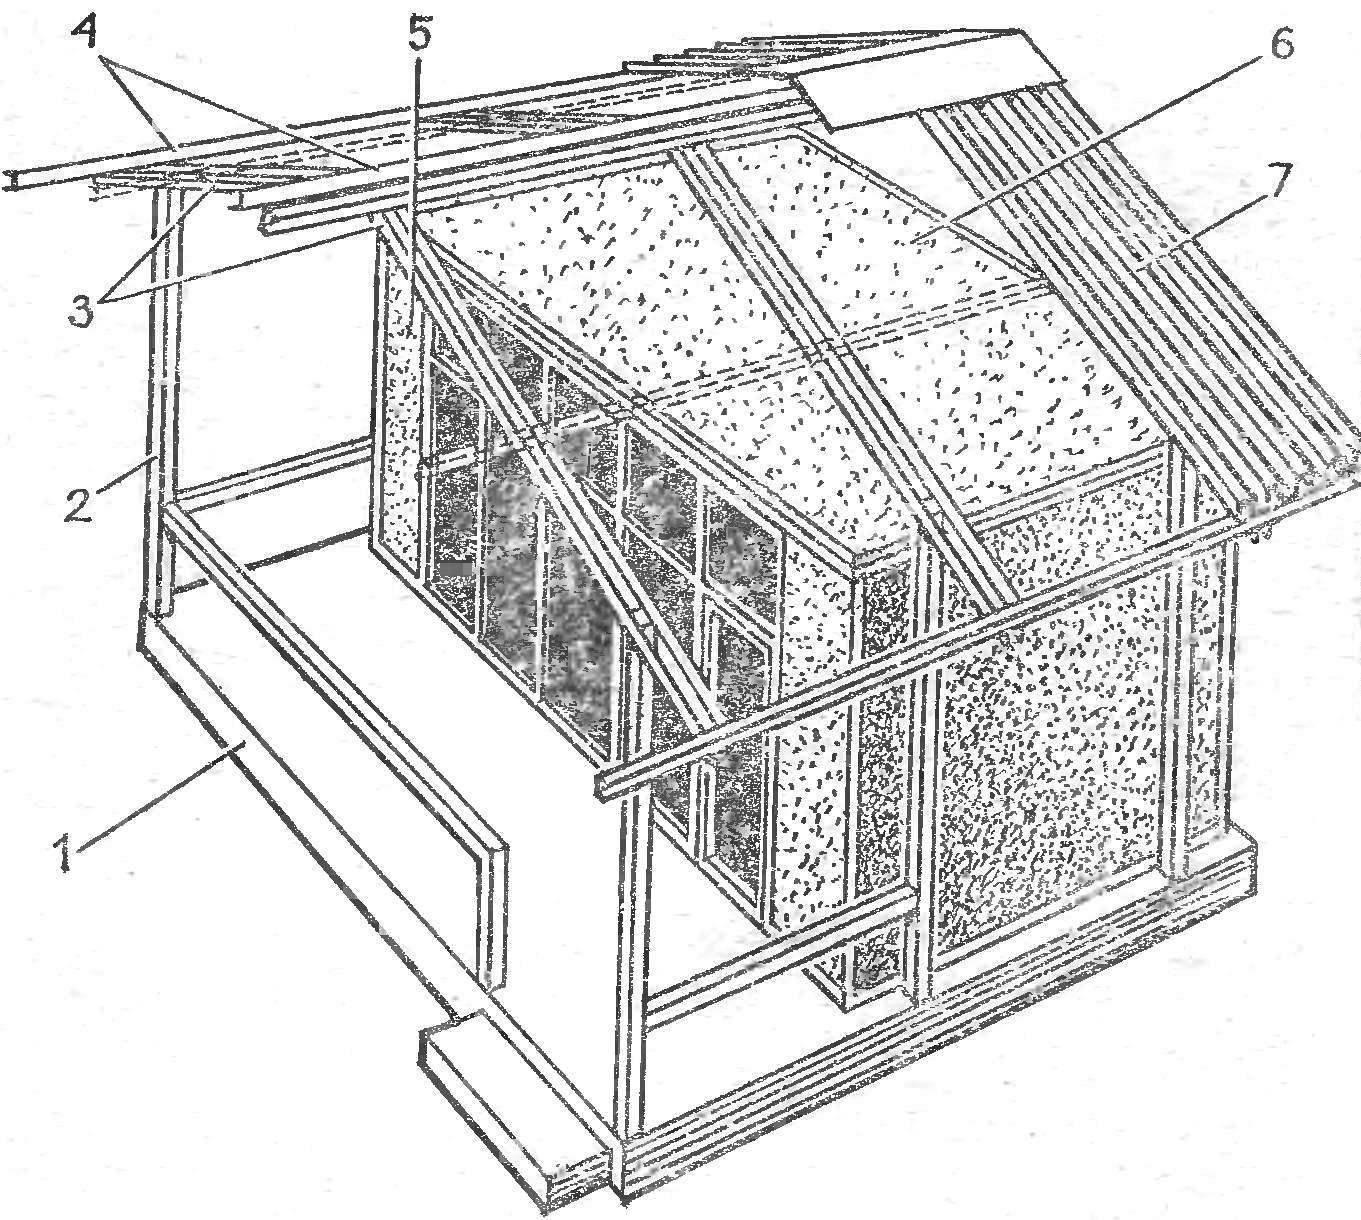 BUILDING A BUNGALOW